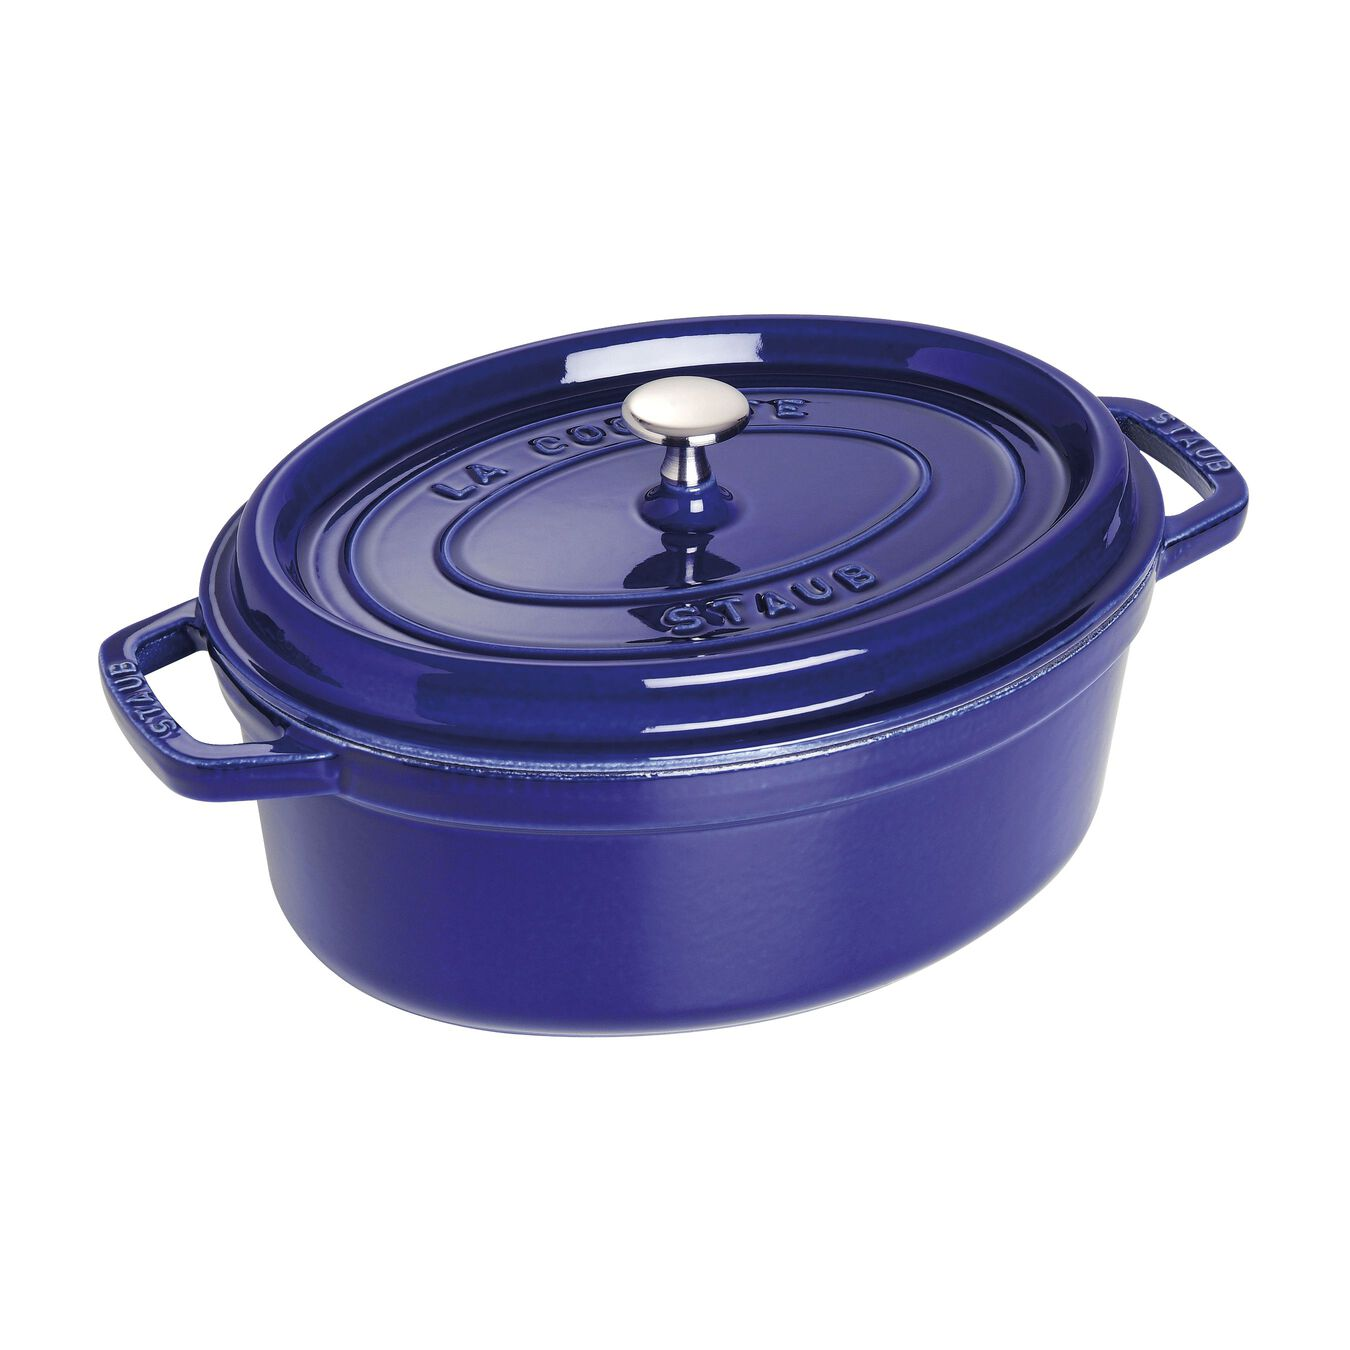 4.25 l oval Cocotte, dark-blue,,large 1